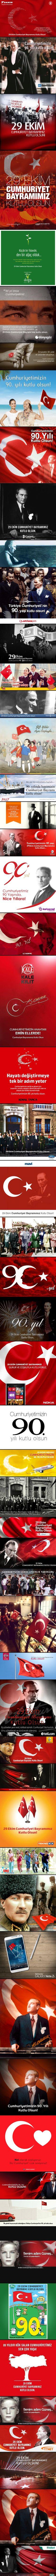 29 Ekim'de markaların Facebook üzerinden paylaştıkları Cumhuriyet bayramı gönderileri